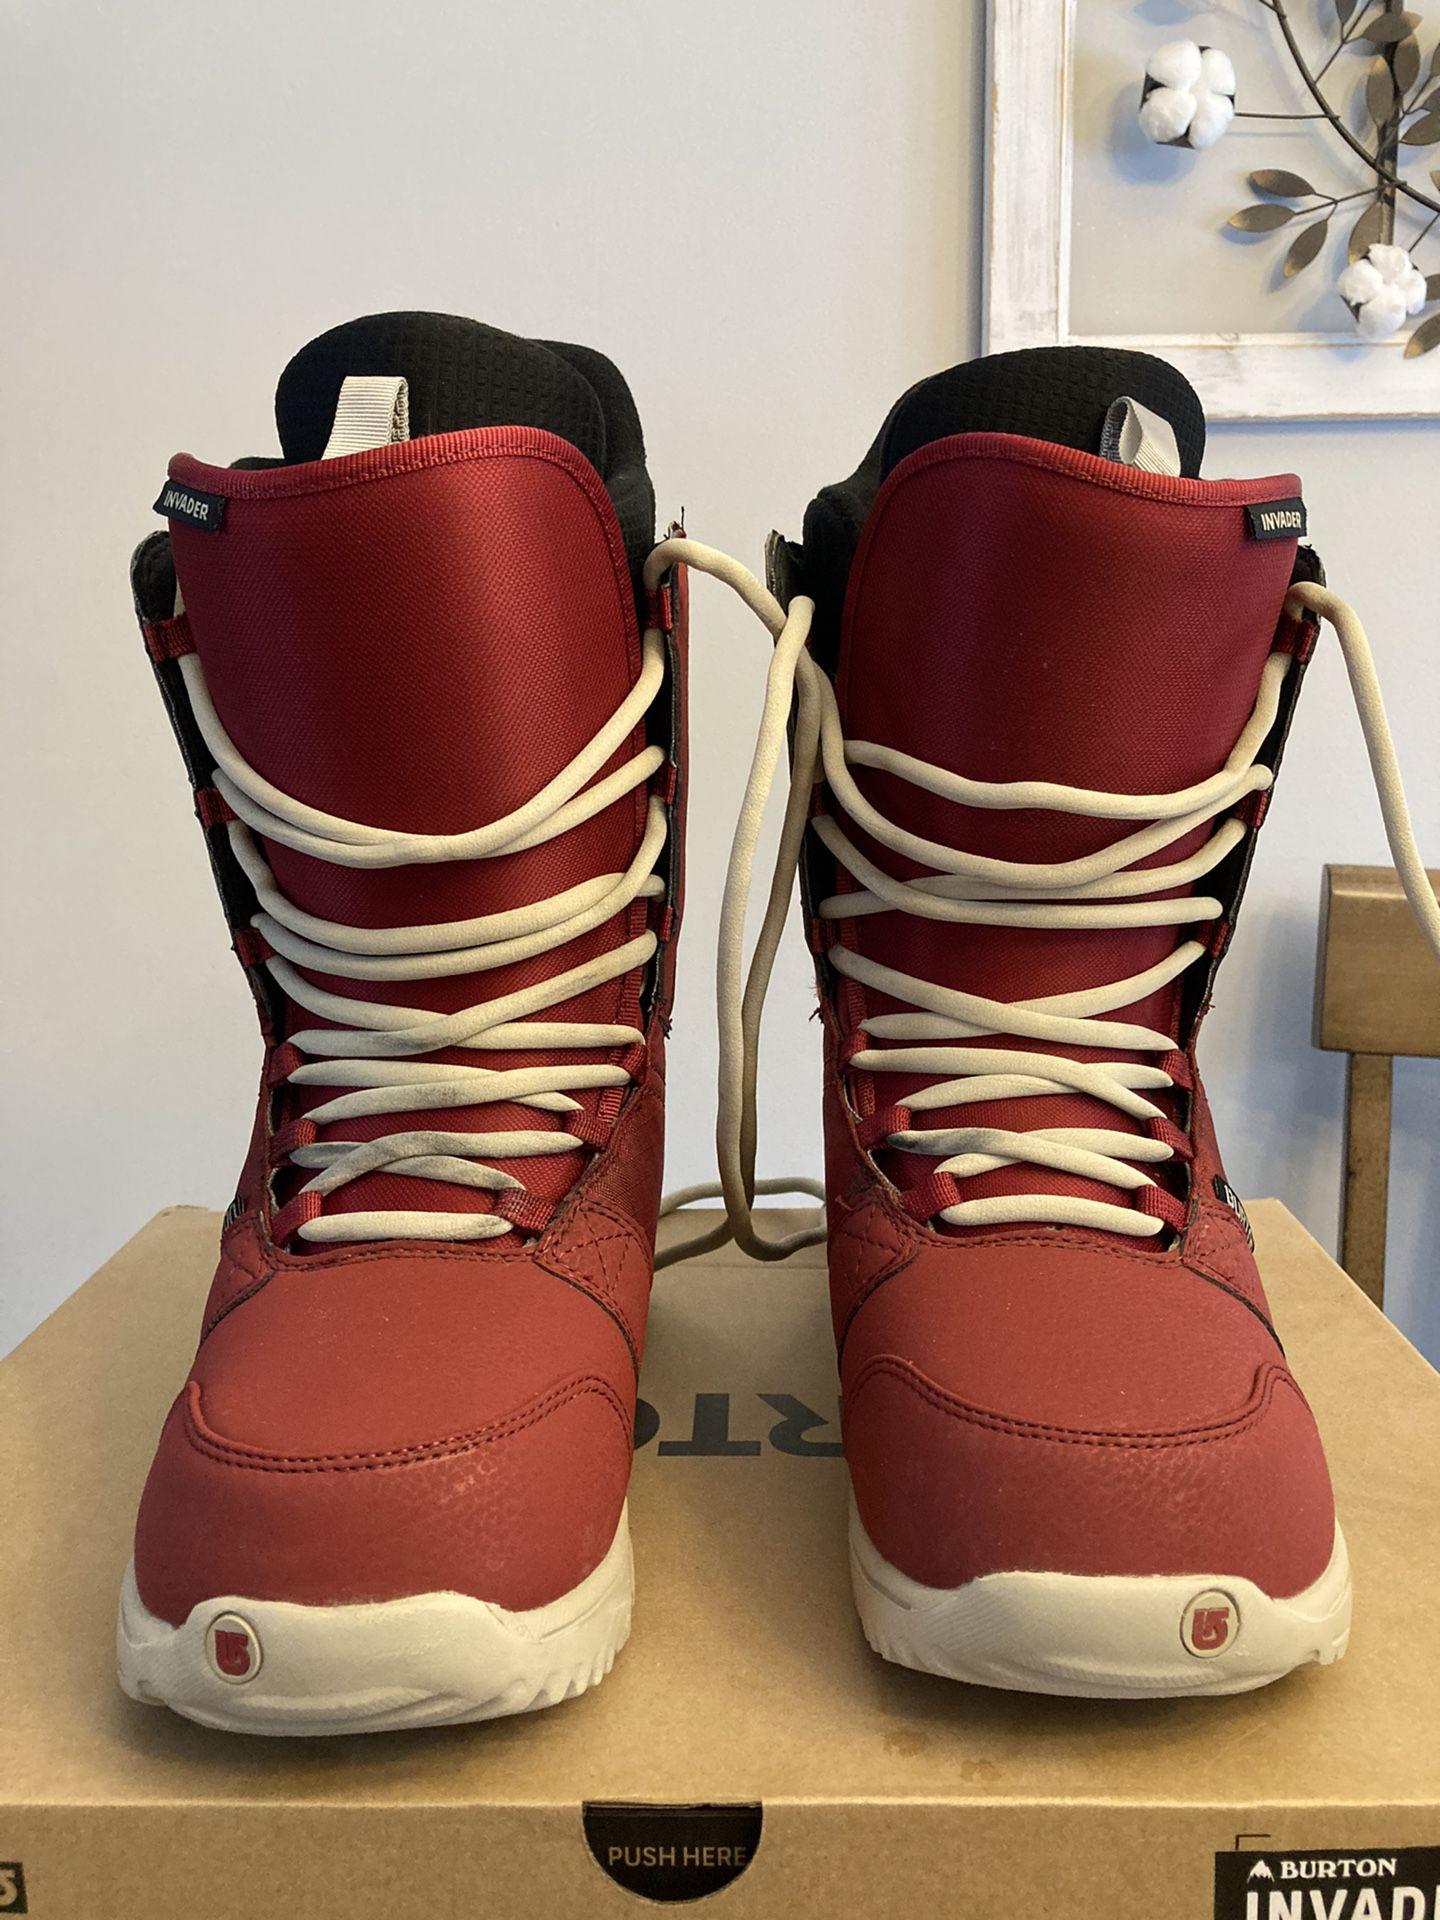 Snowboard Boots - Burton Invader